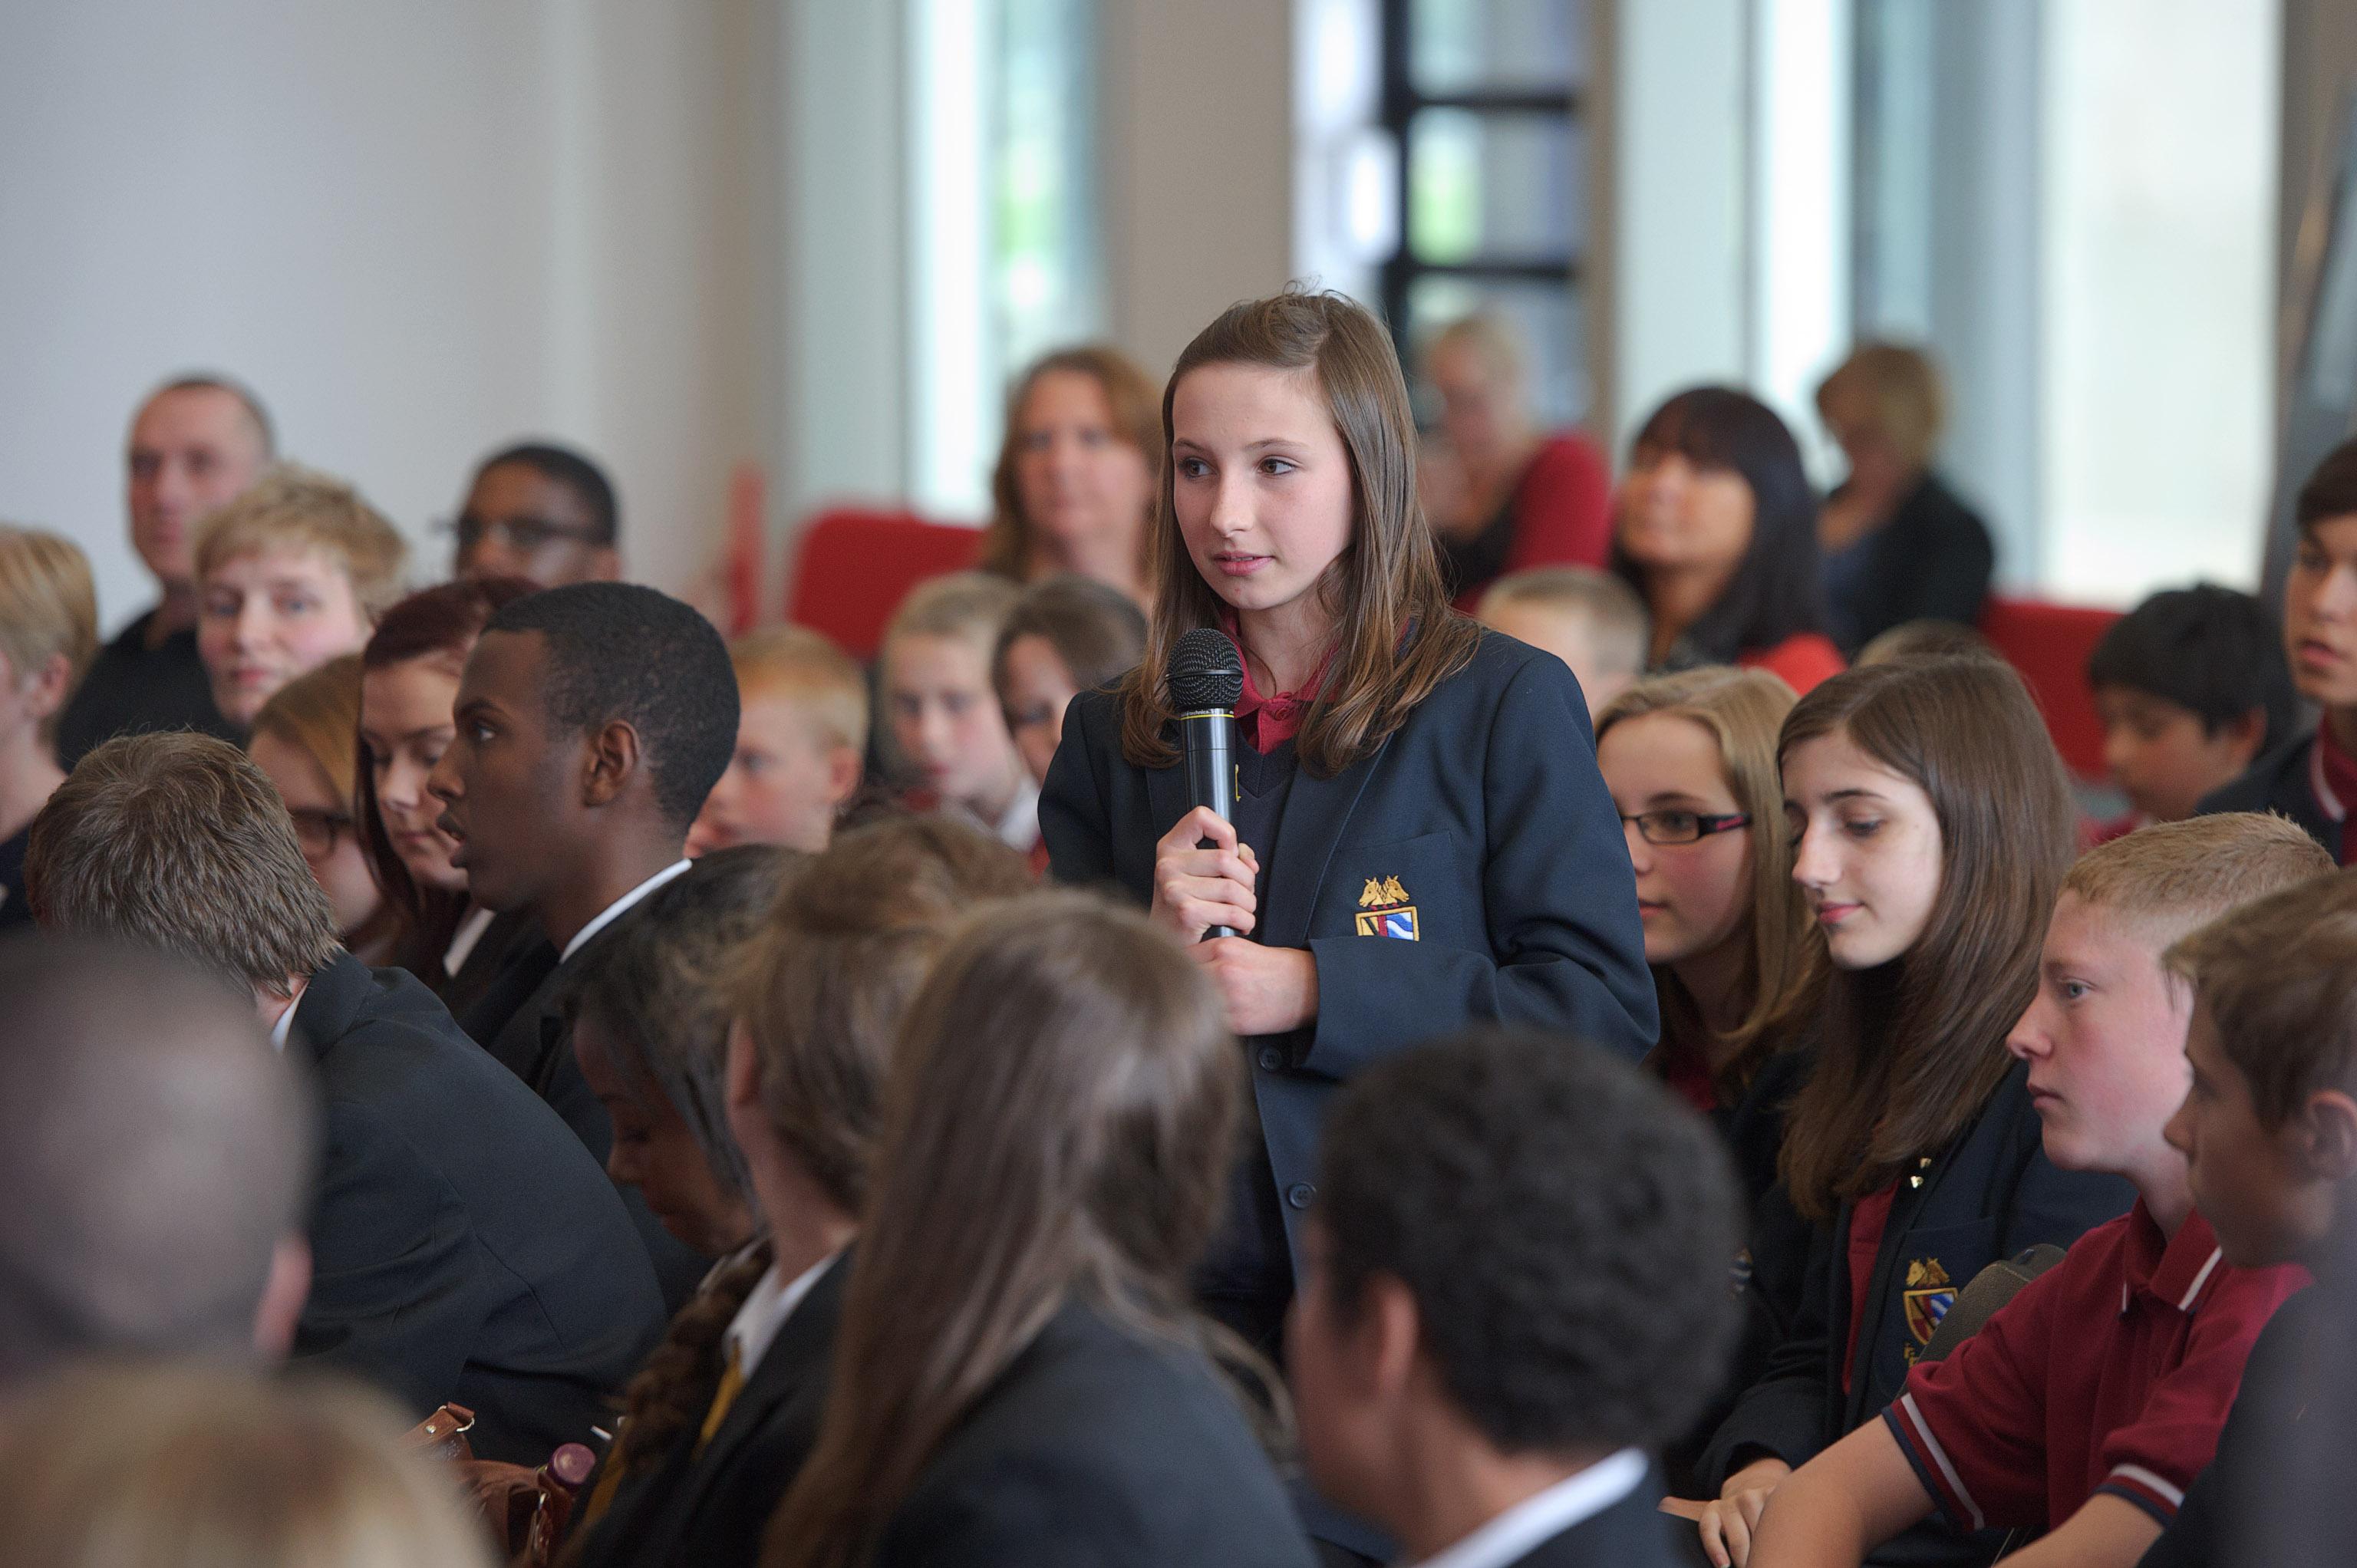 Quanto contano i giovani negli schemi della politica?